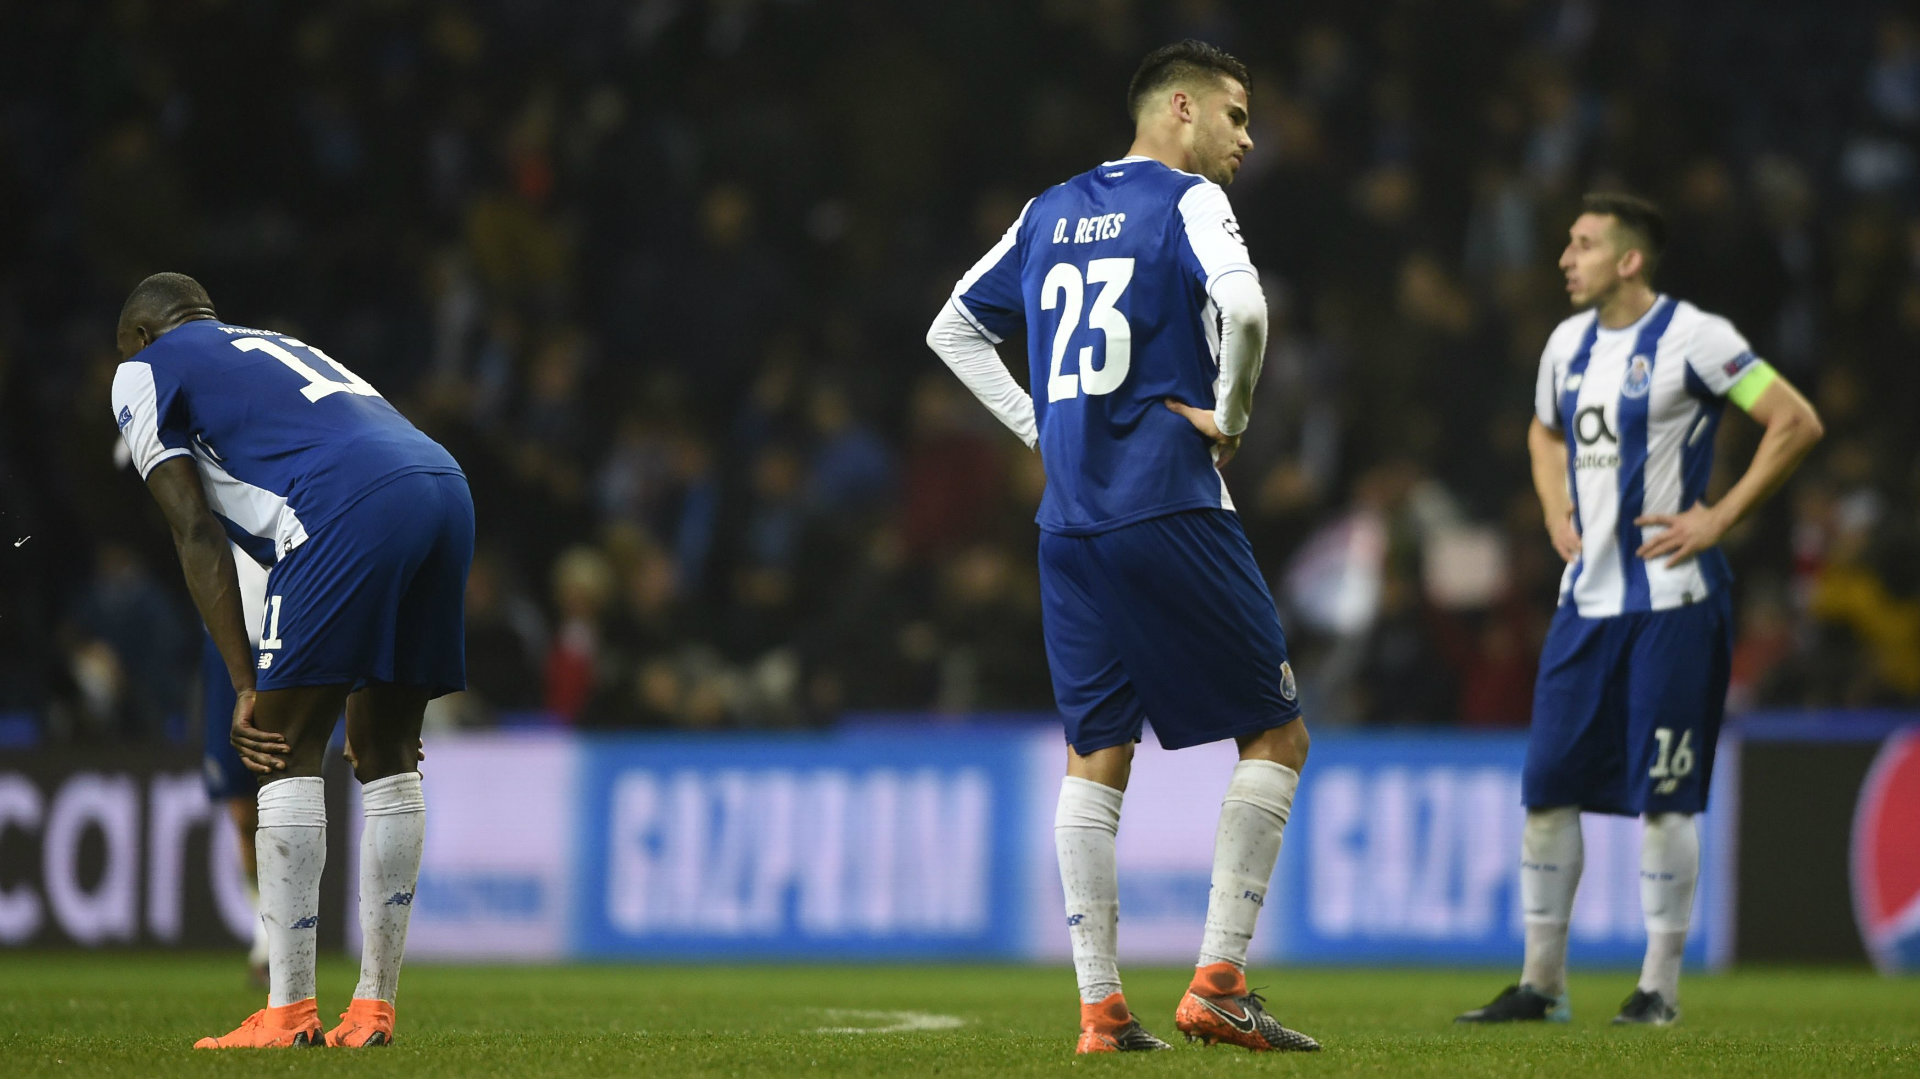 Pesanti accuse al Porto: avrebbe provato a corrompere un avversario